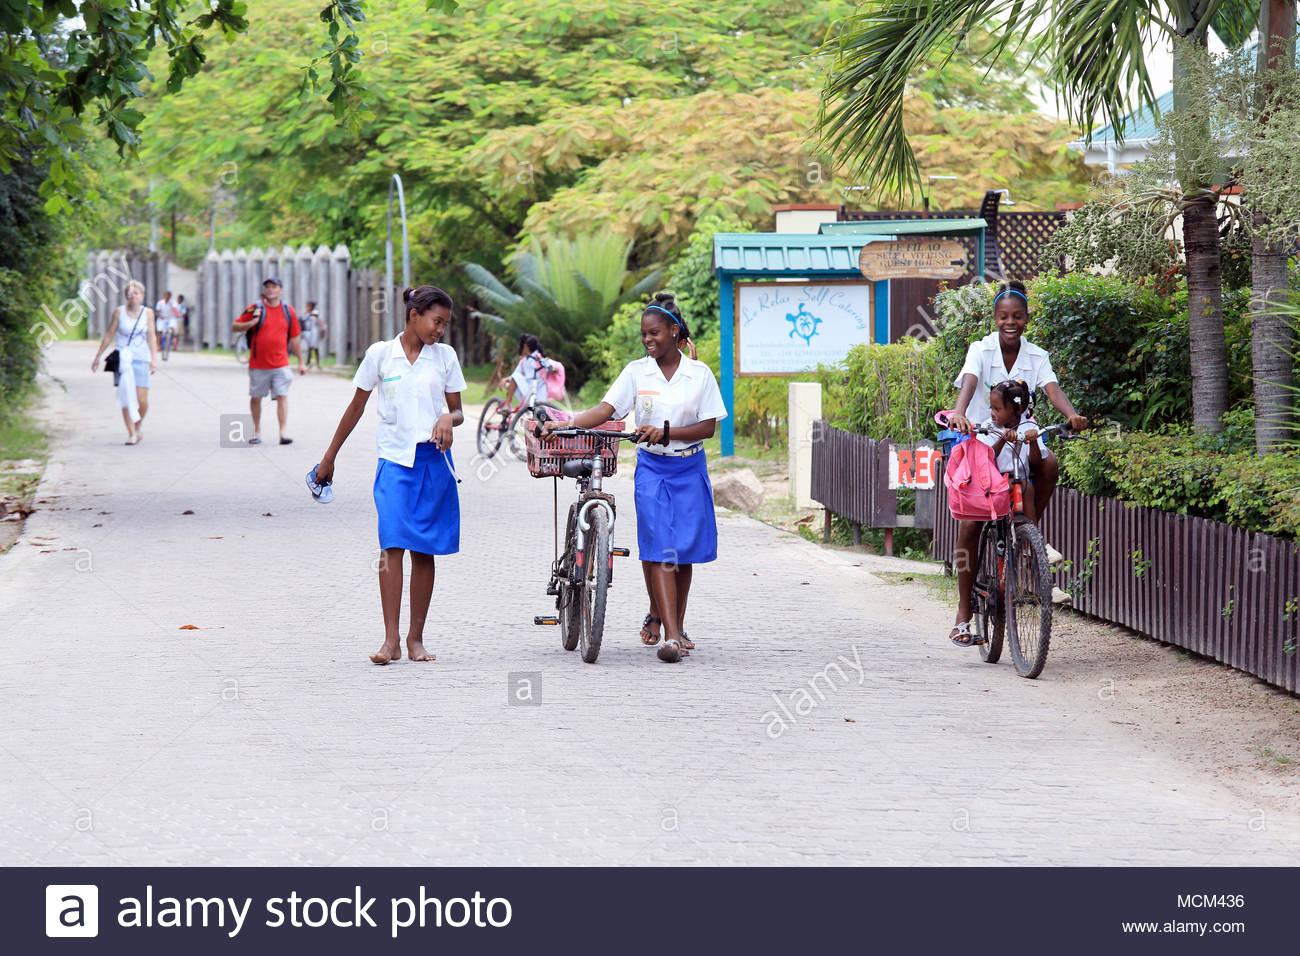 La Passe, l'île de La Digue, Seychelles - mars 5, 2014: Les étudiants qui quittent l'école à vélo. Photo Stock